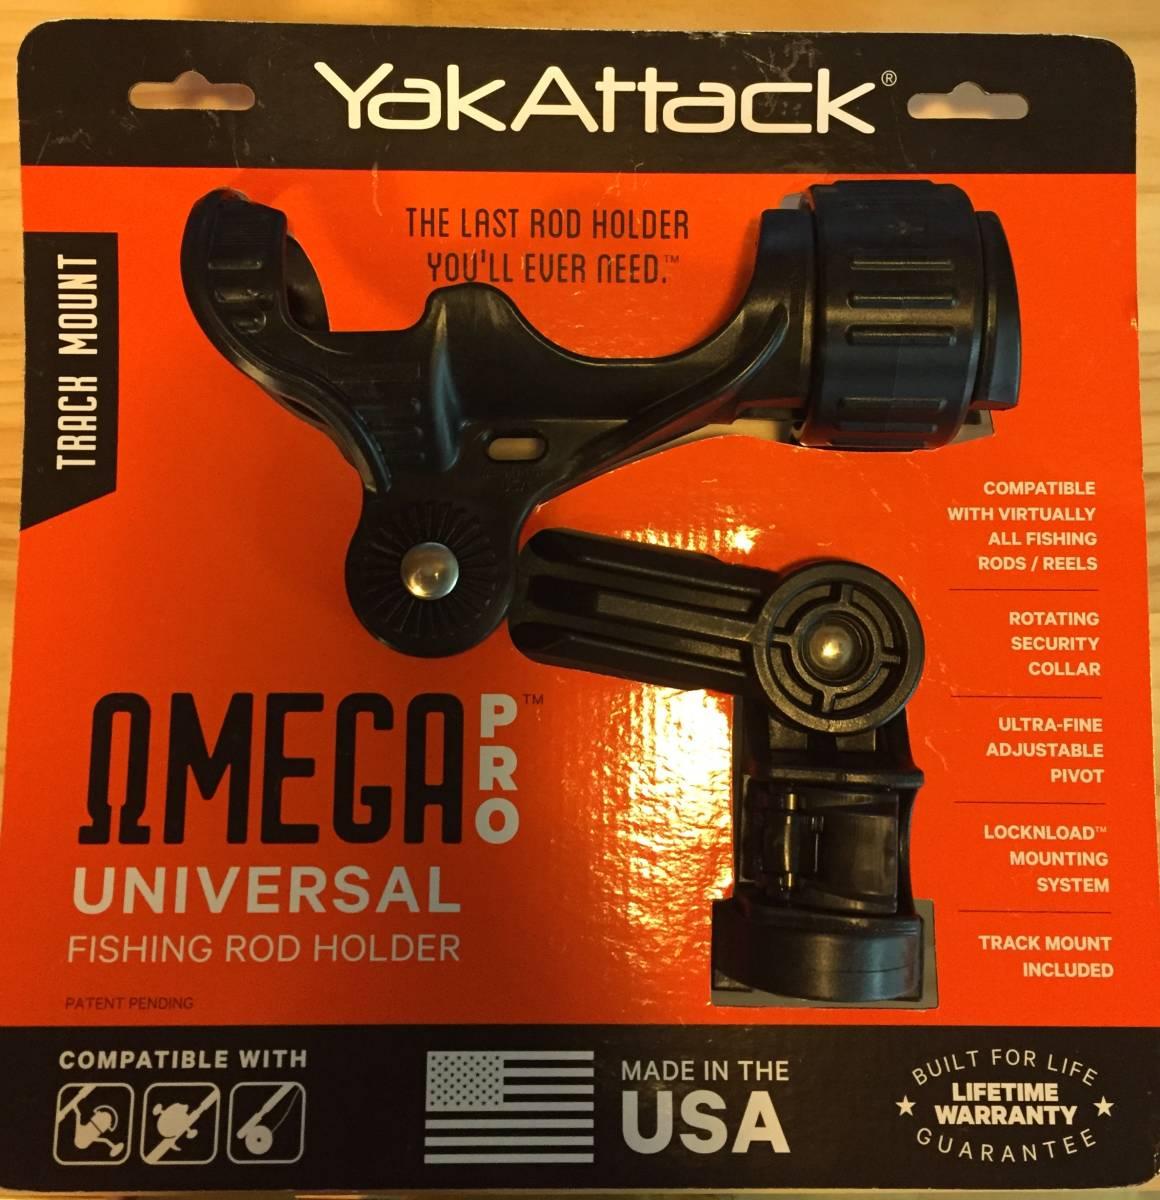 Yak Attack omega pro universal fishing rod holder ヤックアタック オメガプロ ロッドホルダー カヤック ボート フィッシング_画像1